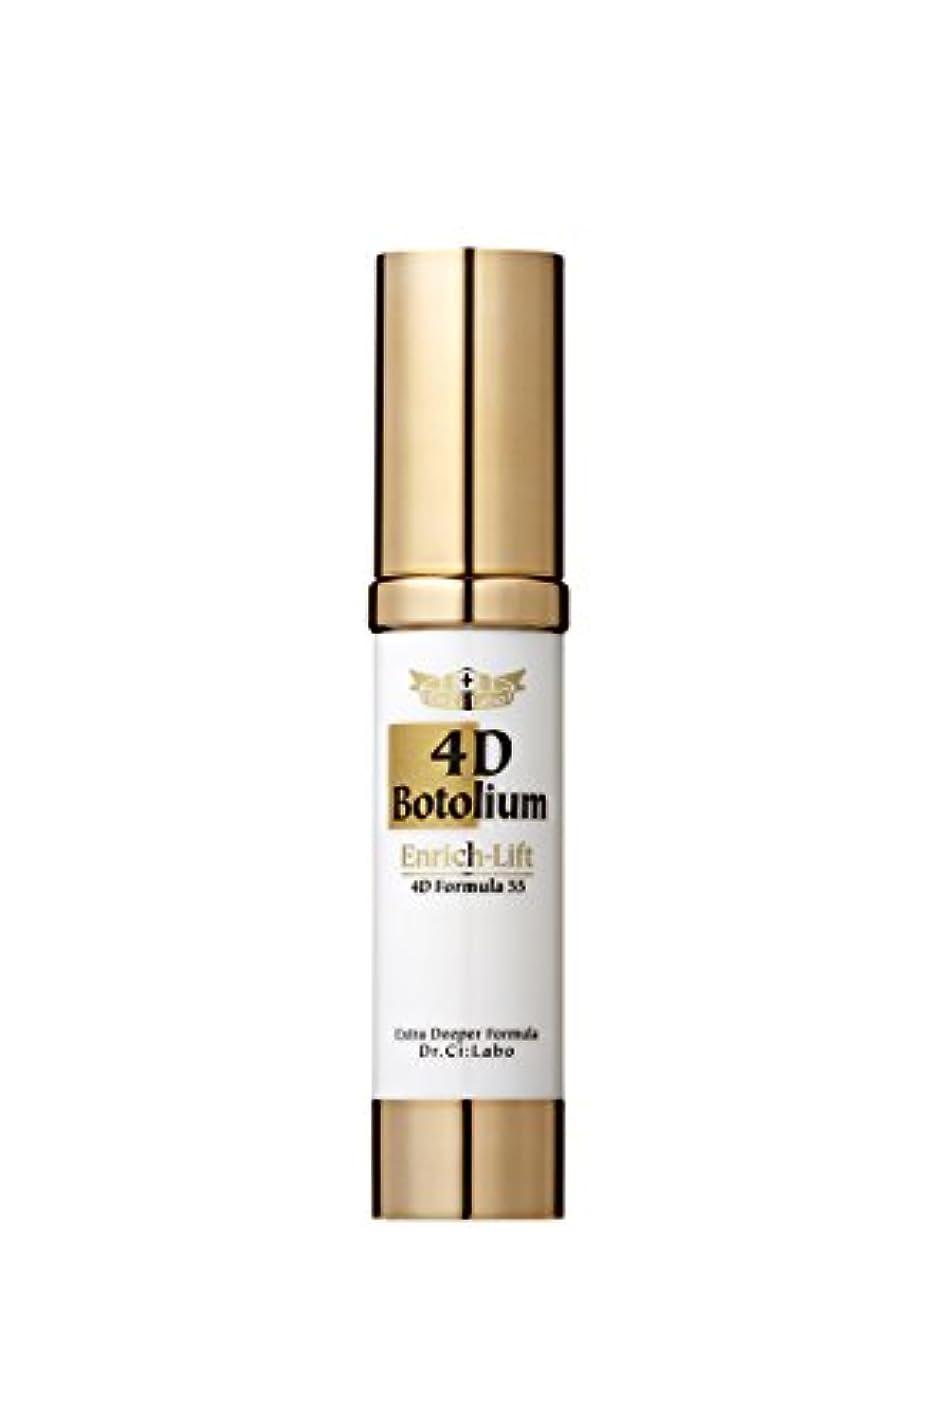 散逸シャーク封筒ドクターシーラボ 4Dボトリウム エンリッチ リフト 美容液 18g